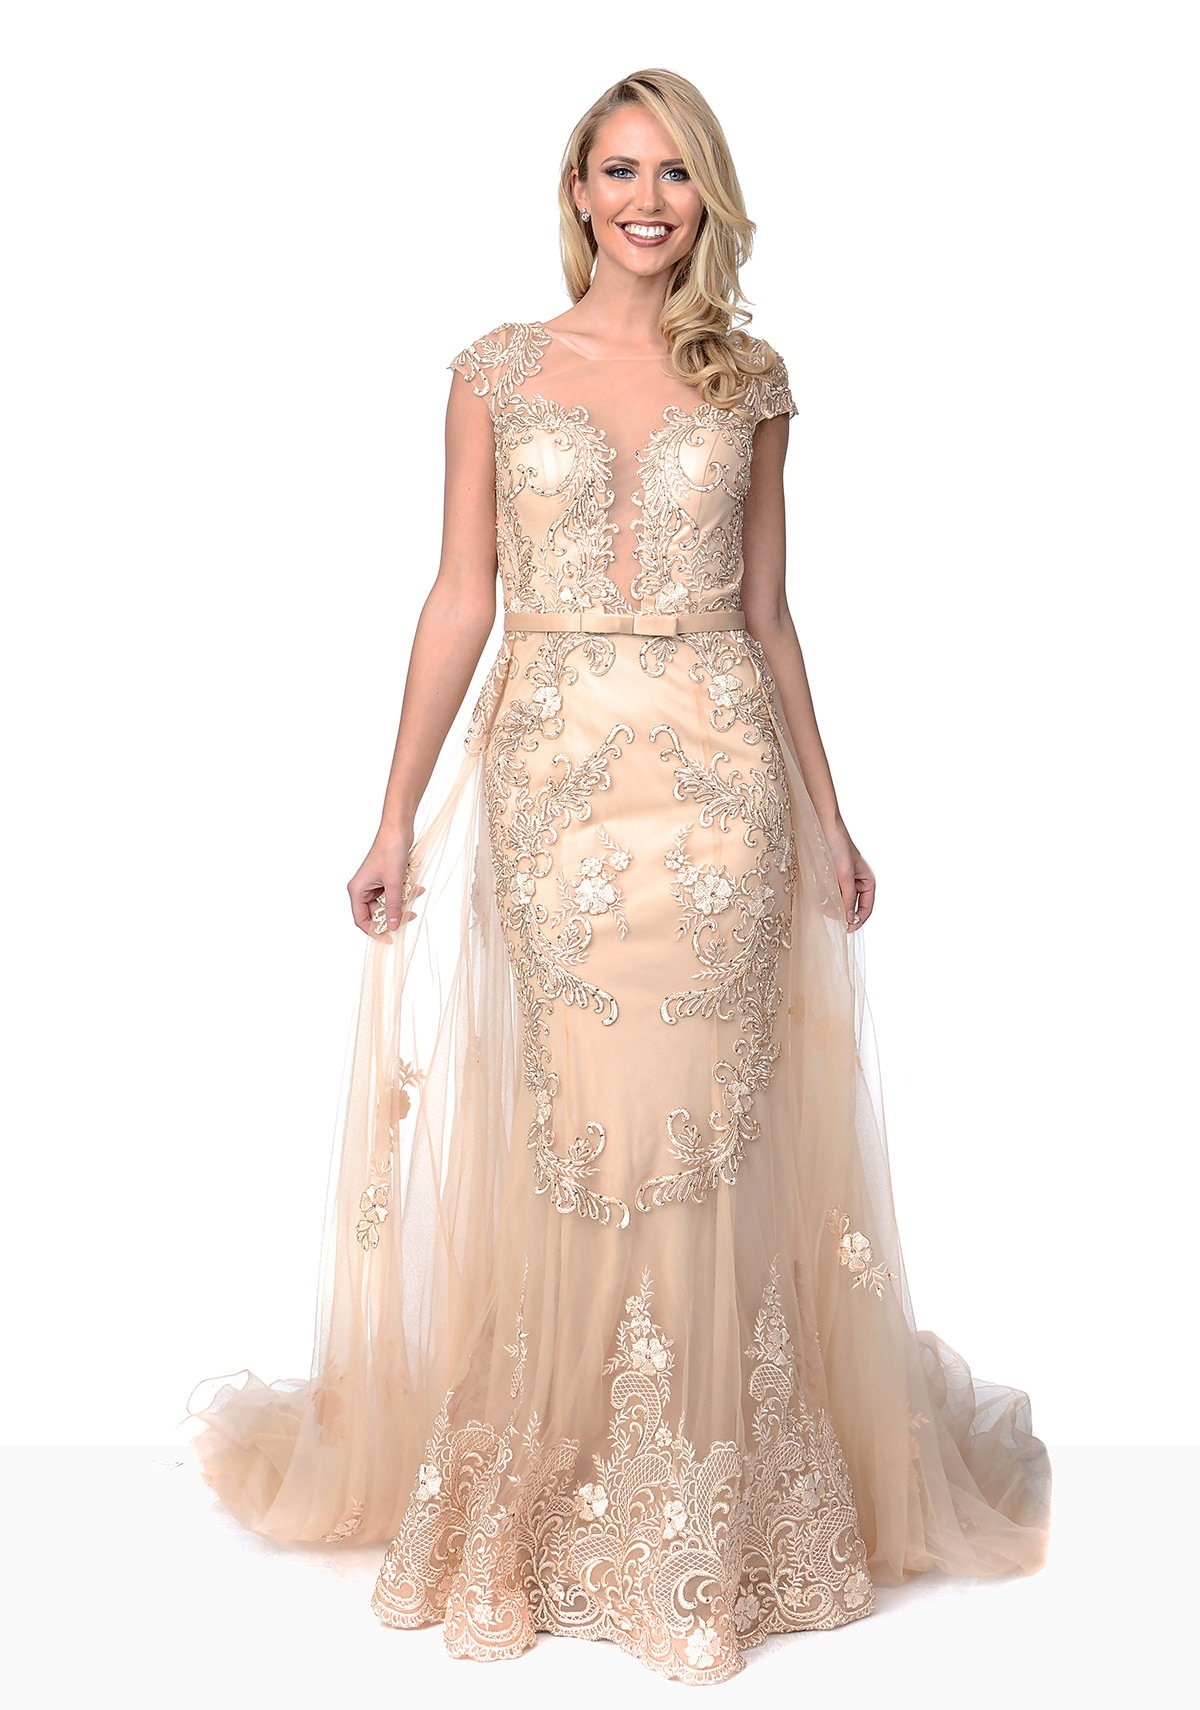 Designer Ausgezeichnet Abendkleider Abendkleider StylishFormal Schön Abendkleider Abendkleider Spezialgebiet